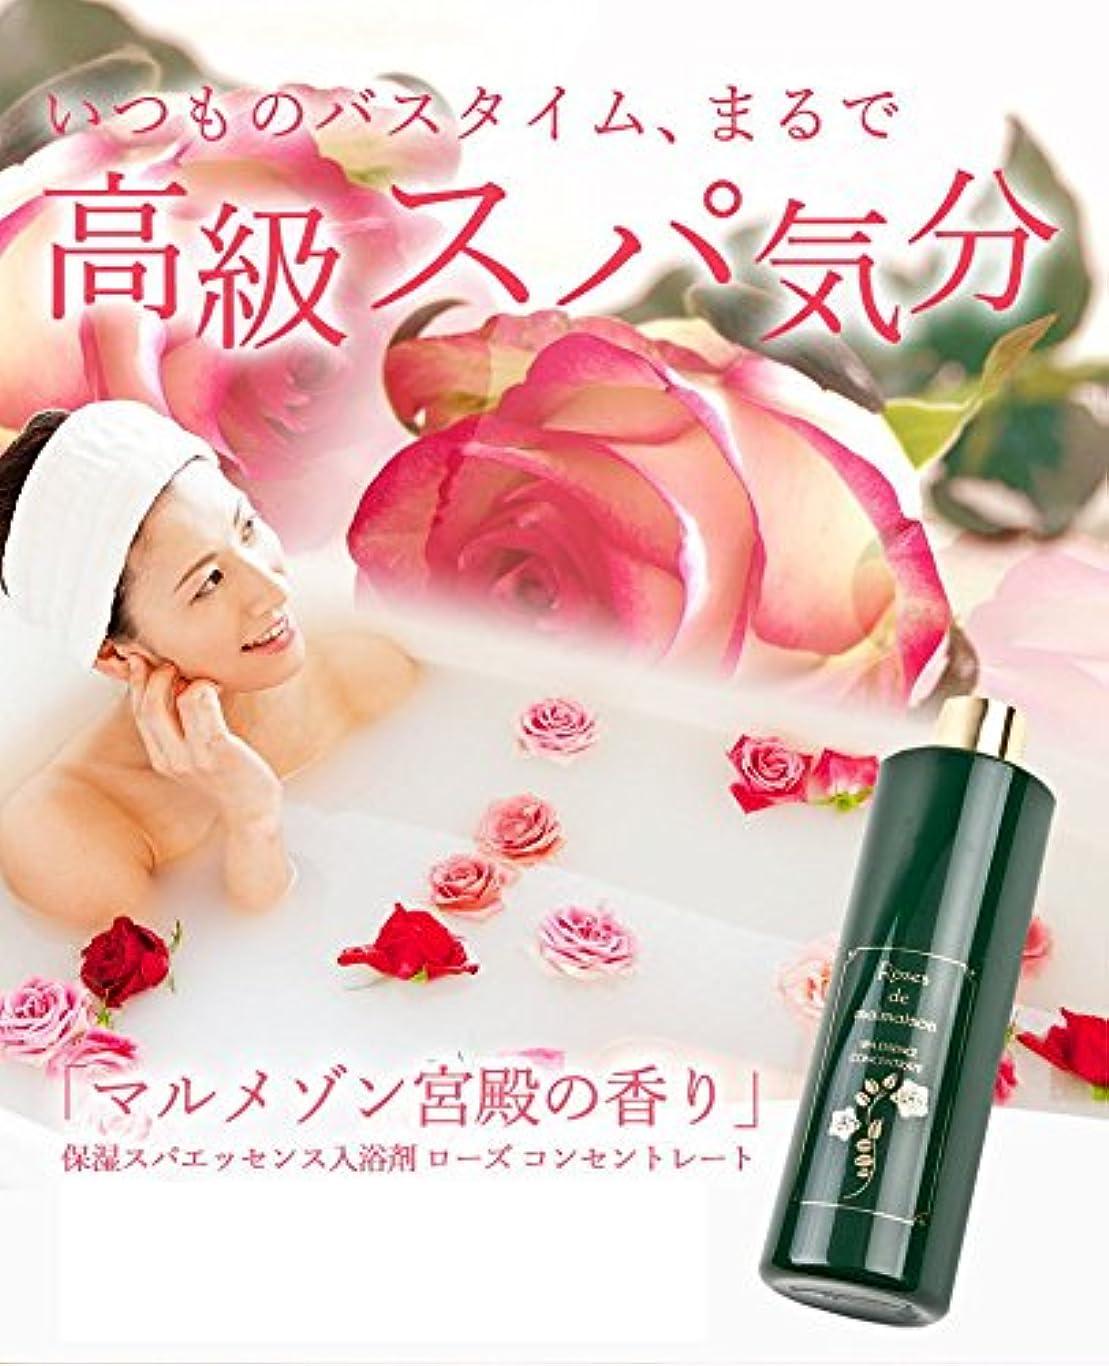 代理人広大な流産ローズドマルメゾン スパエッセンス コンセントレート バラの香りの入浴剤 天然ローズの香り 高級スパのような入浴剤